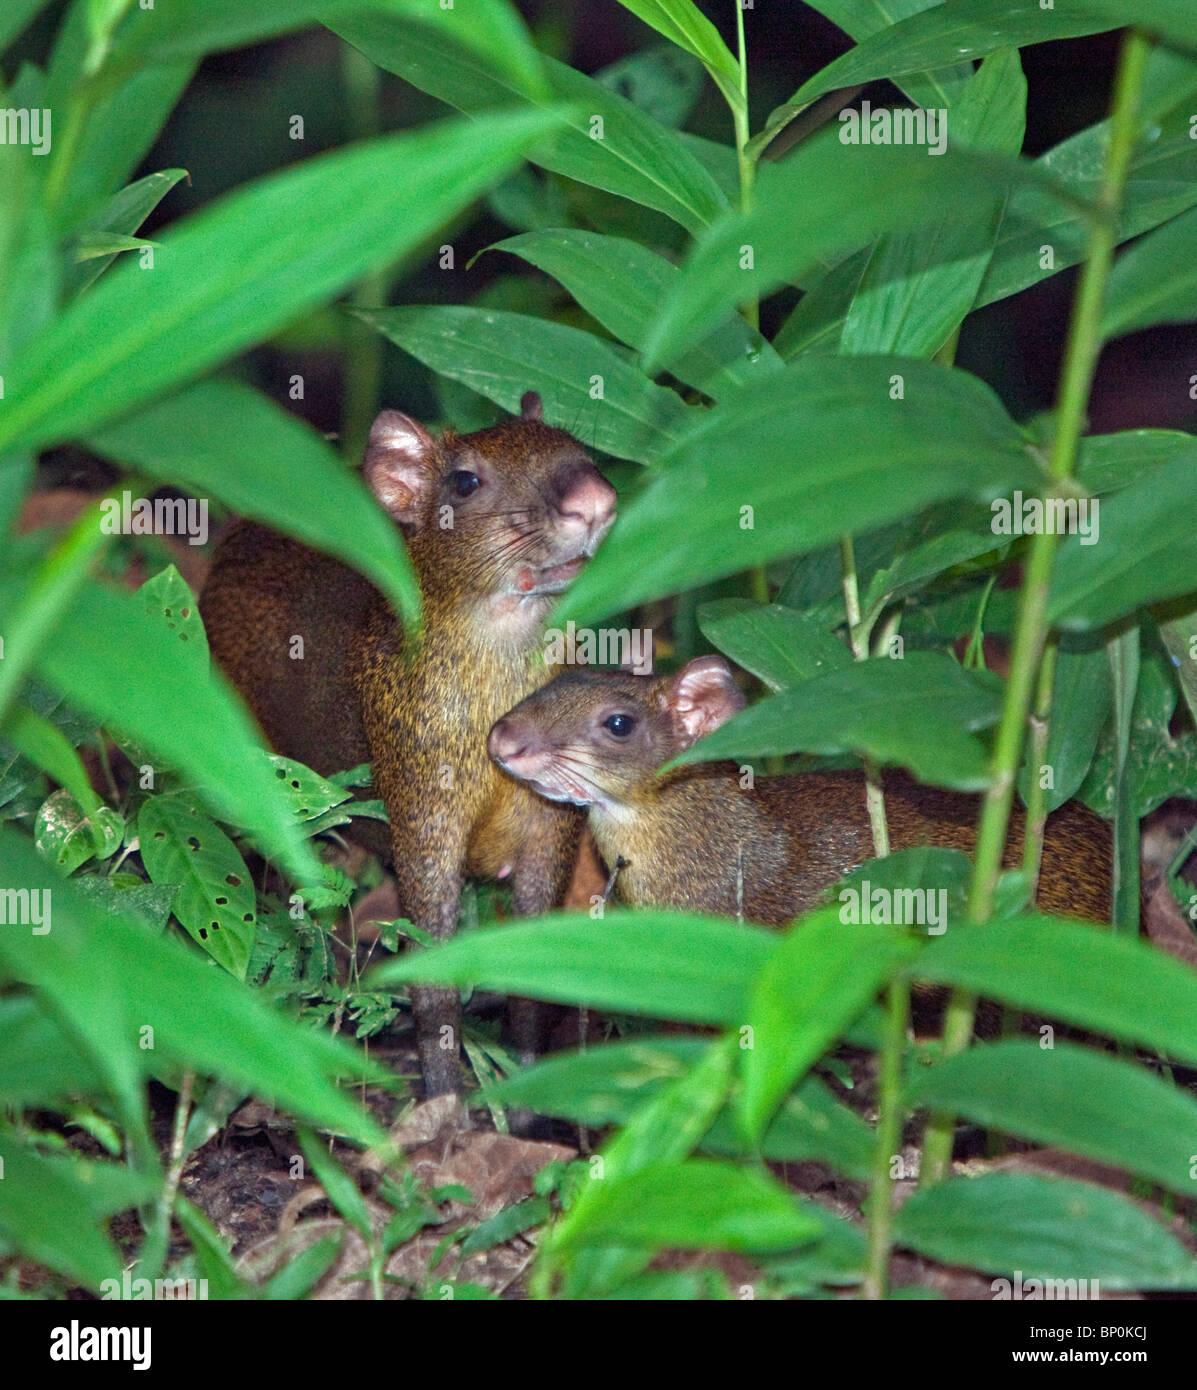 Le Pérou. Brown agutis dans la forêt tropicale du bassin amazonien. Photo Stock